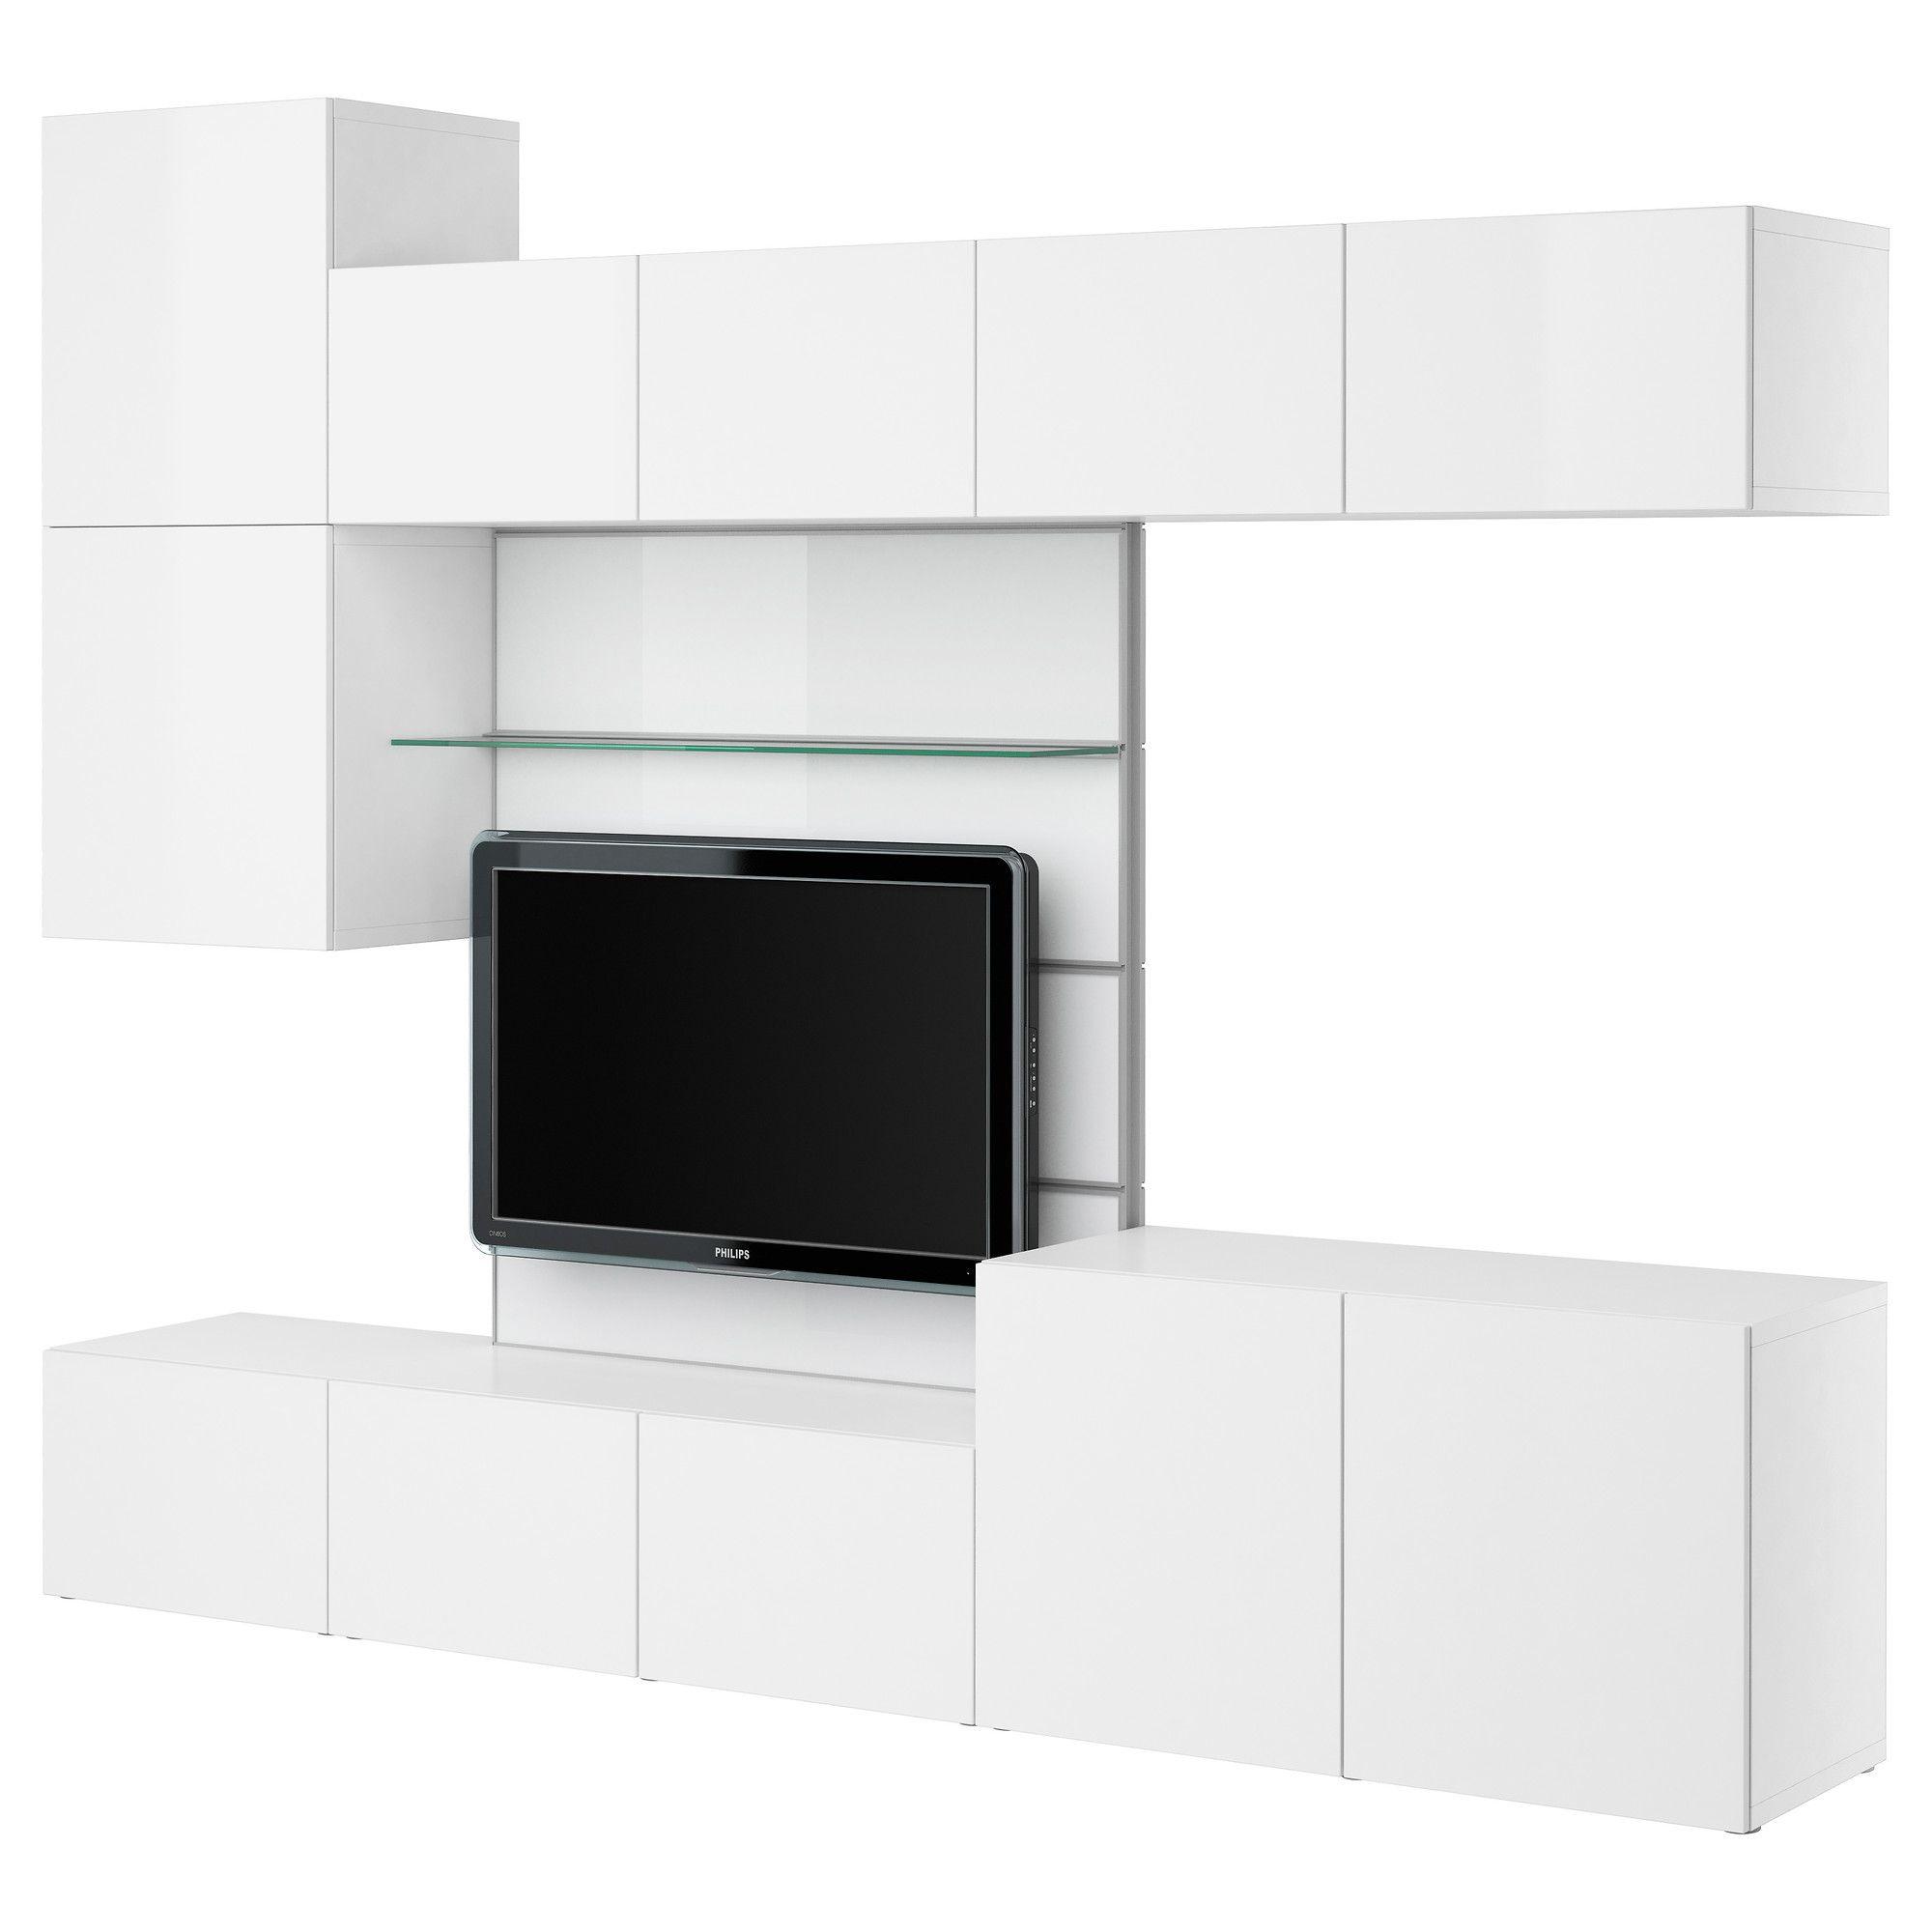 BEST… Pannello TV contenitore audio video bianco lucido bianco